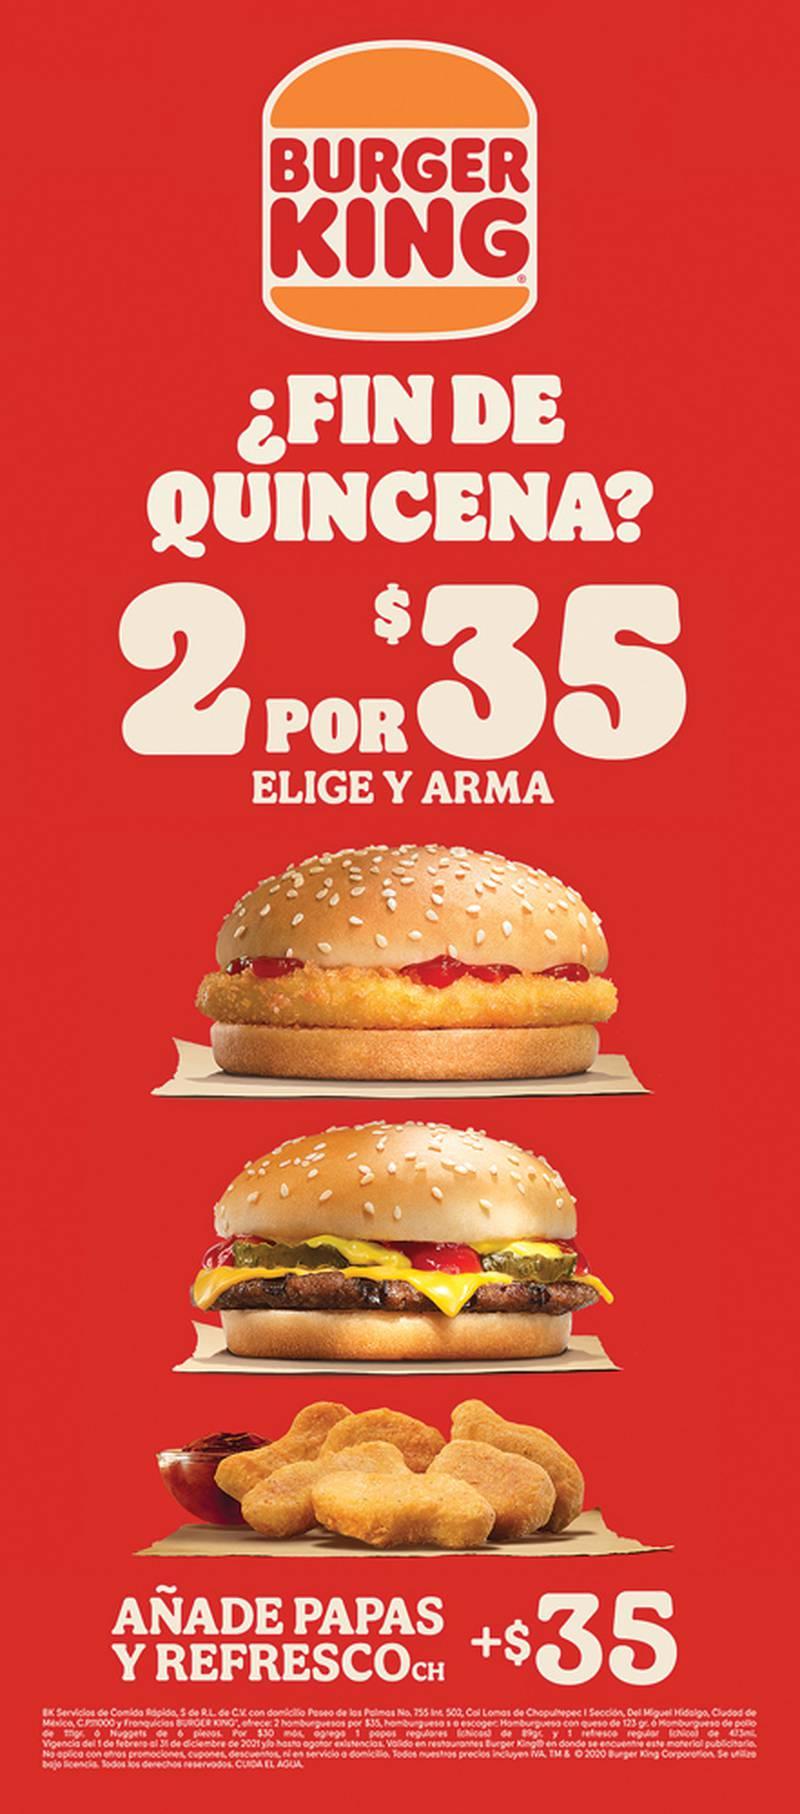 Anuncio Burger King edición CDMX del 12 de Julio del 2021, Página 13